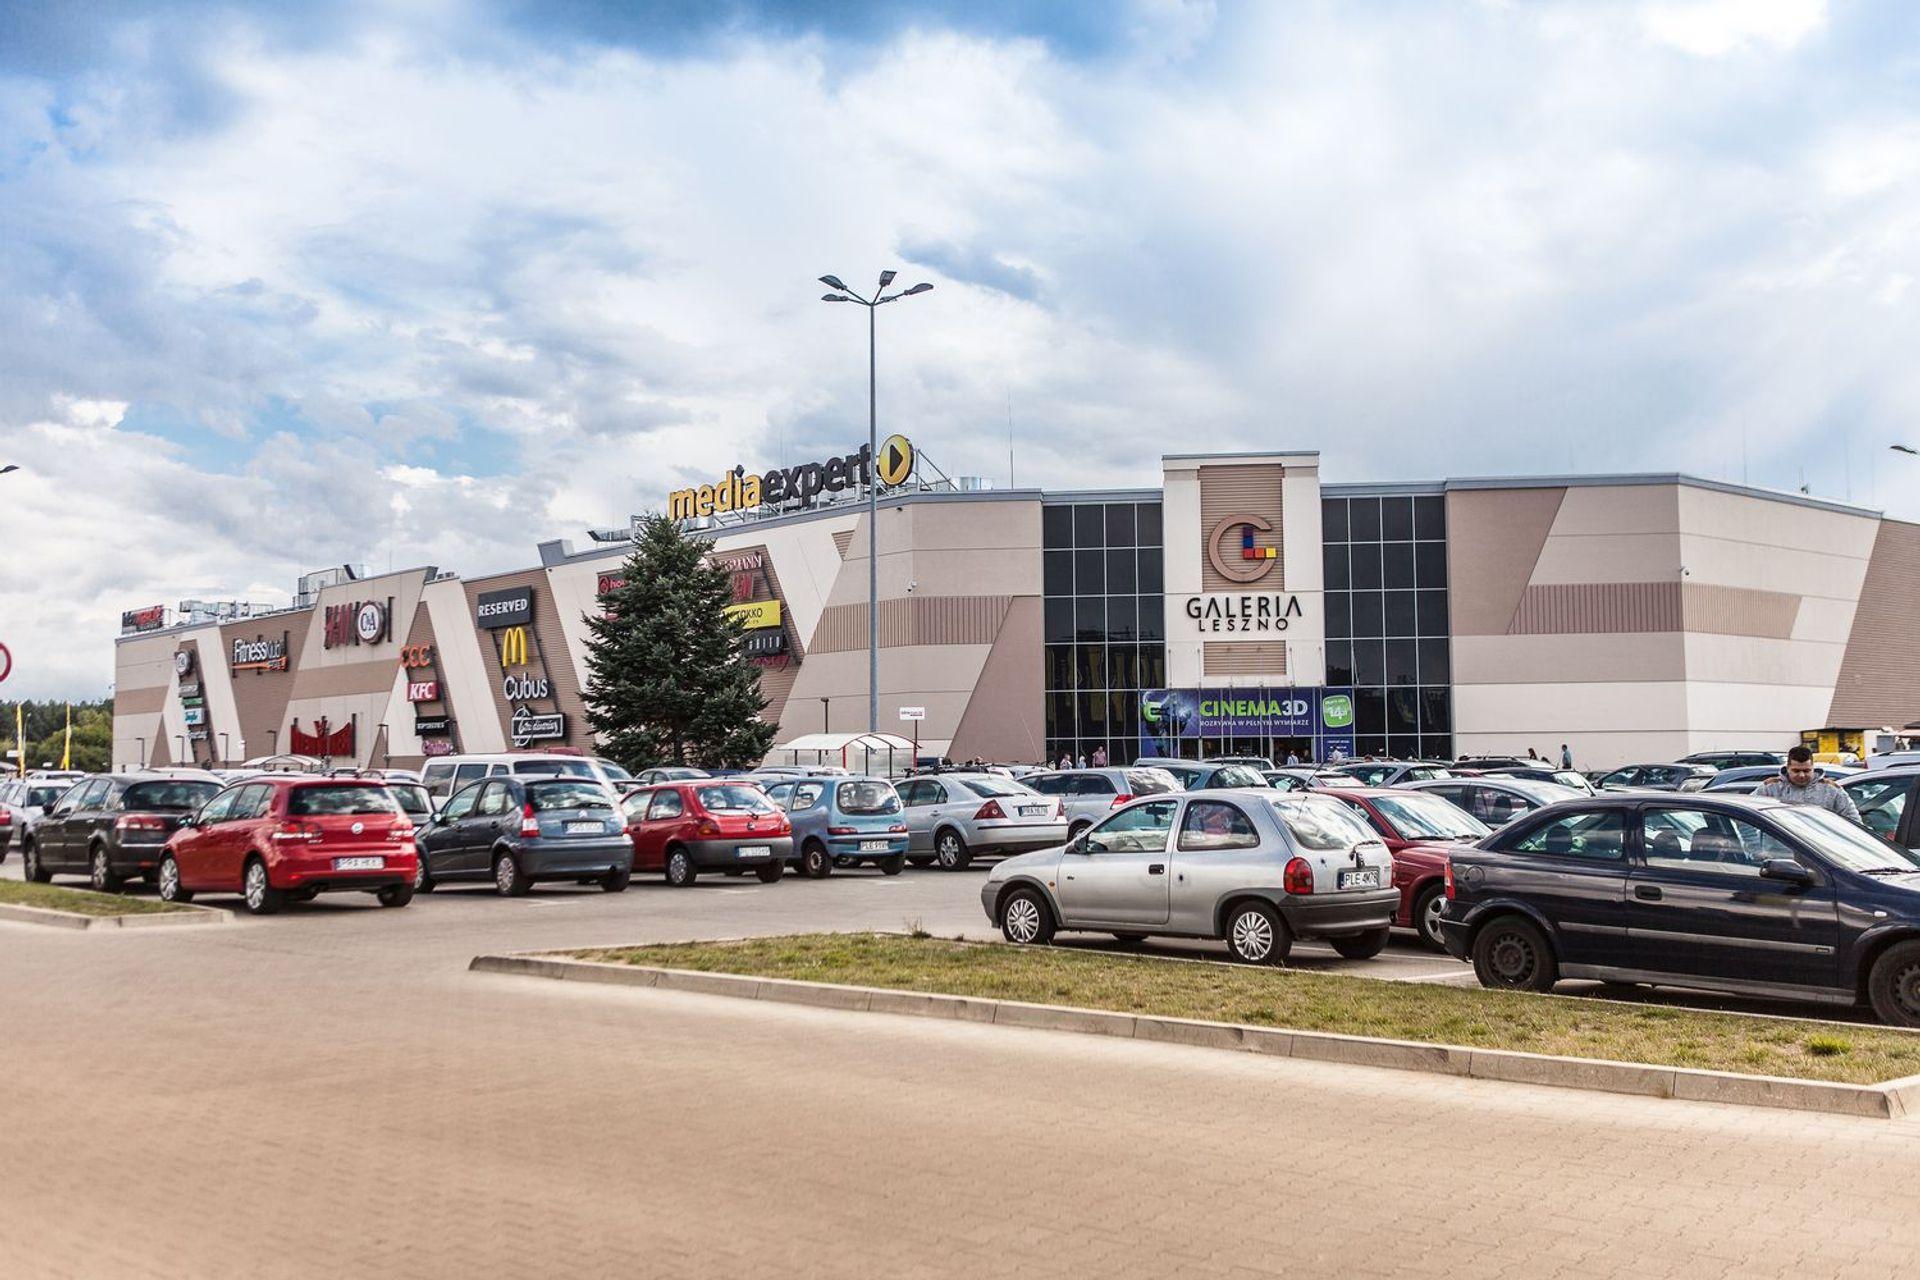 [Polska] Stabilna sytuacja na rynku handlowym, rosną obroty centrów handlowych